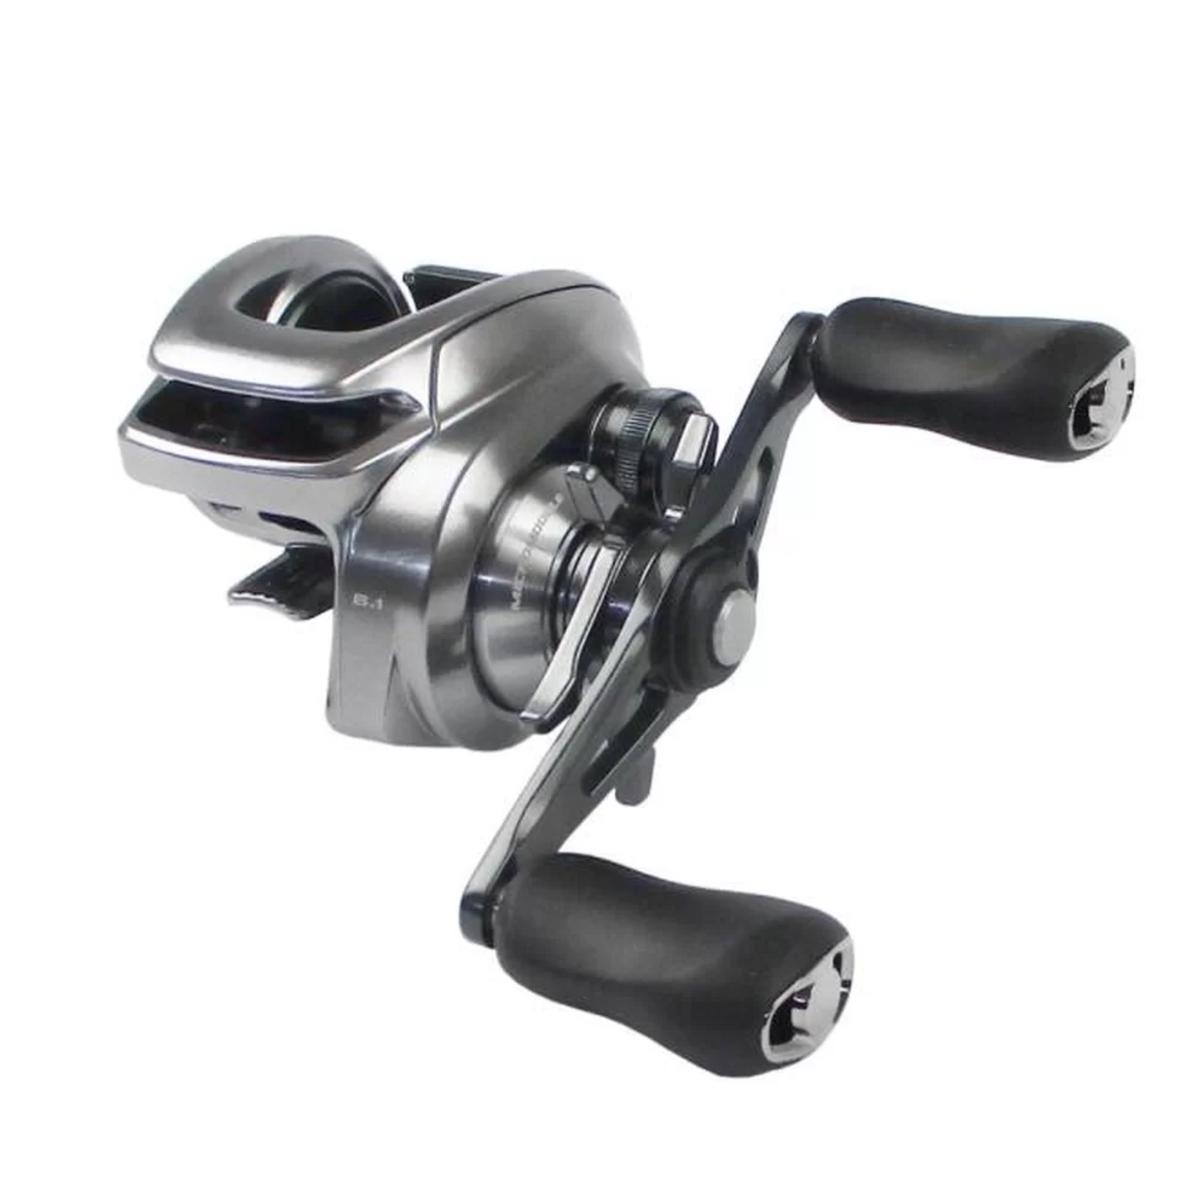 Carretilha Shimano Bantam MGL 150/151 XG Rec 8.1:1 Drag 5Kg  - Pesca Adventure